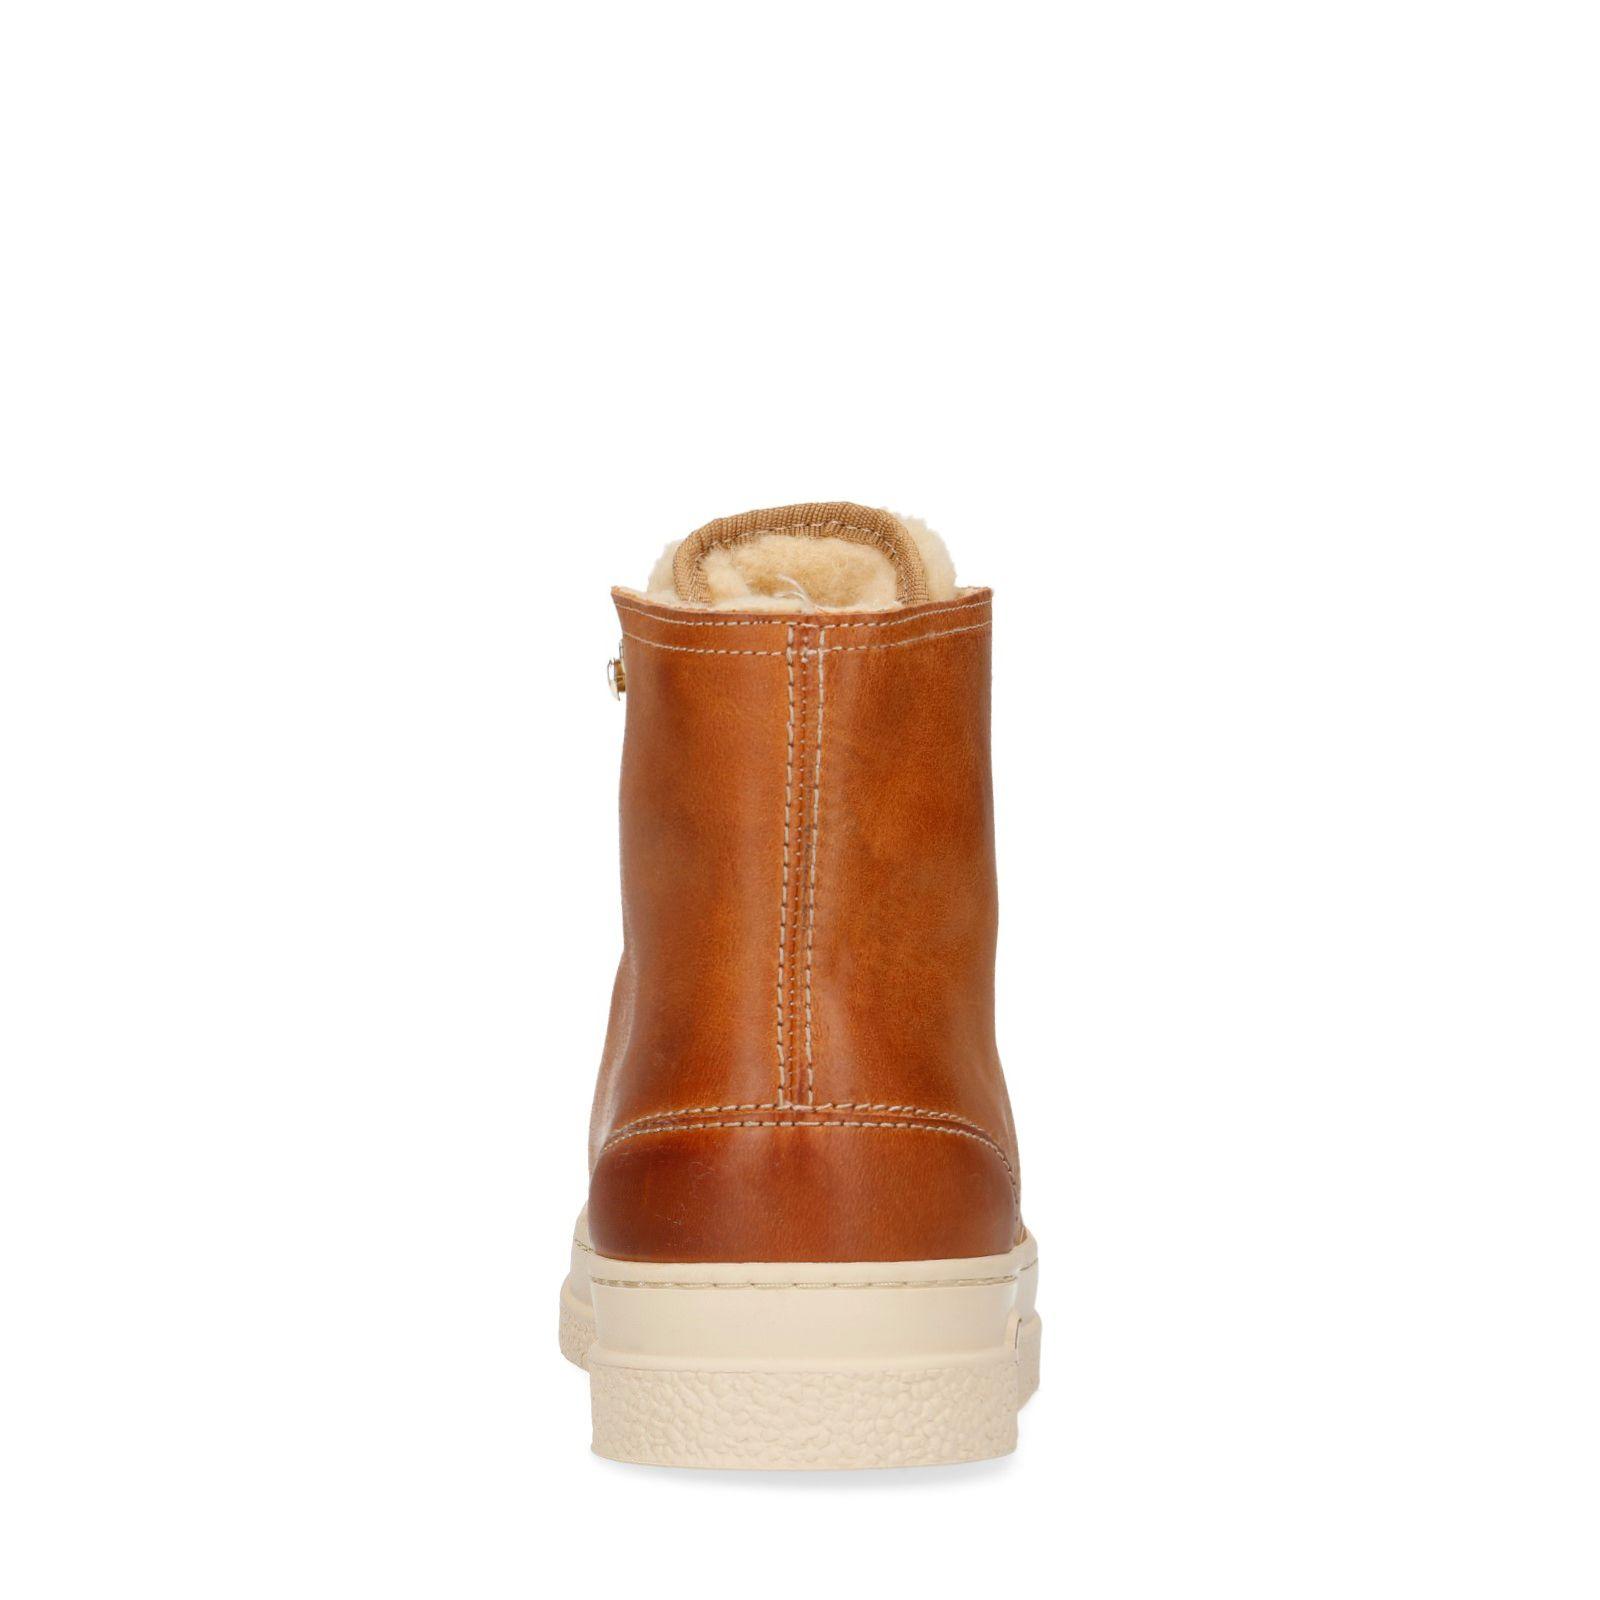 Bottines Gant GANT marron cuir lacets en à 5AL4j3R